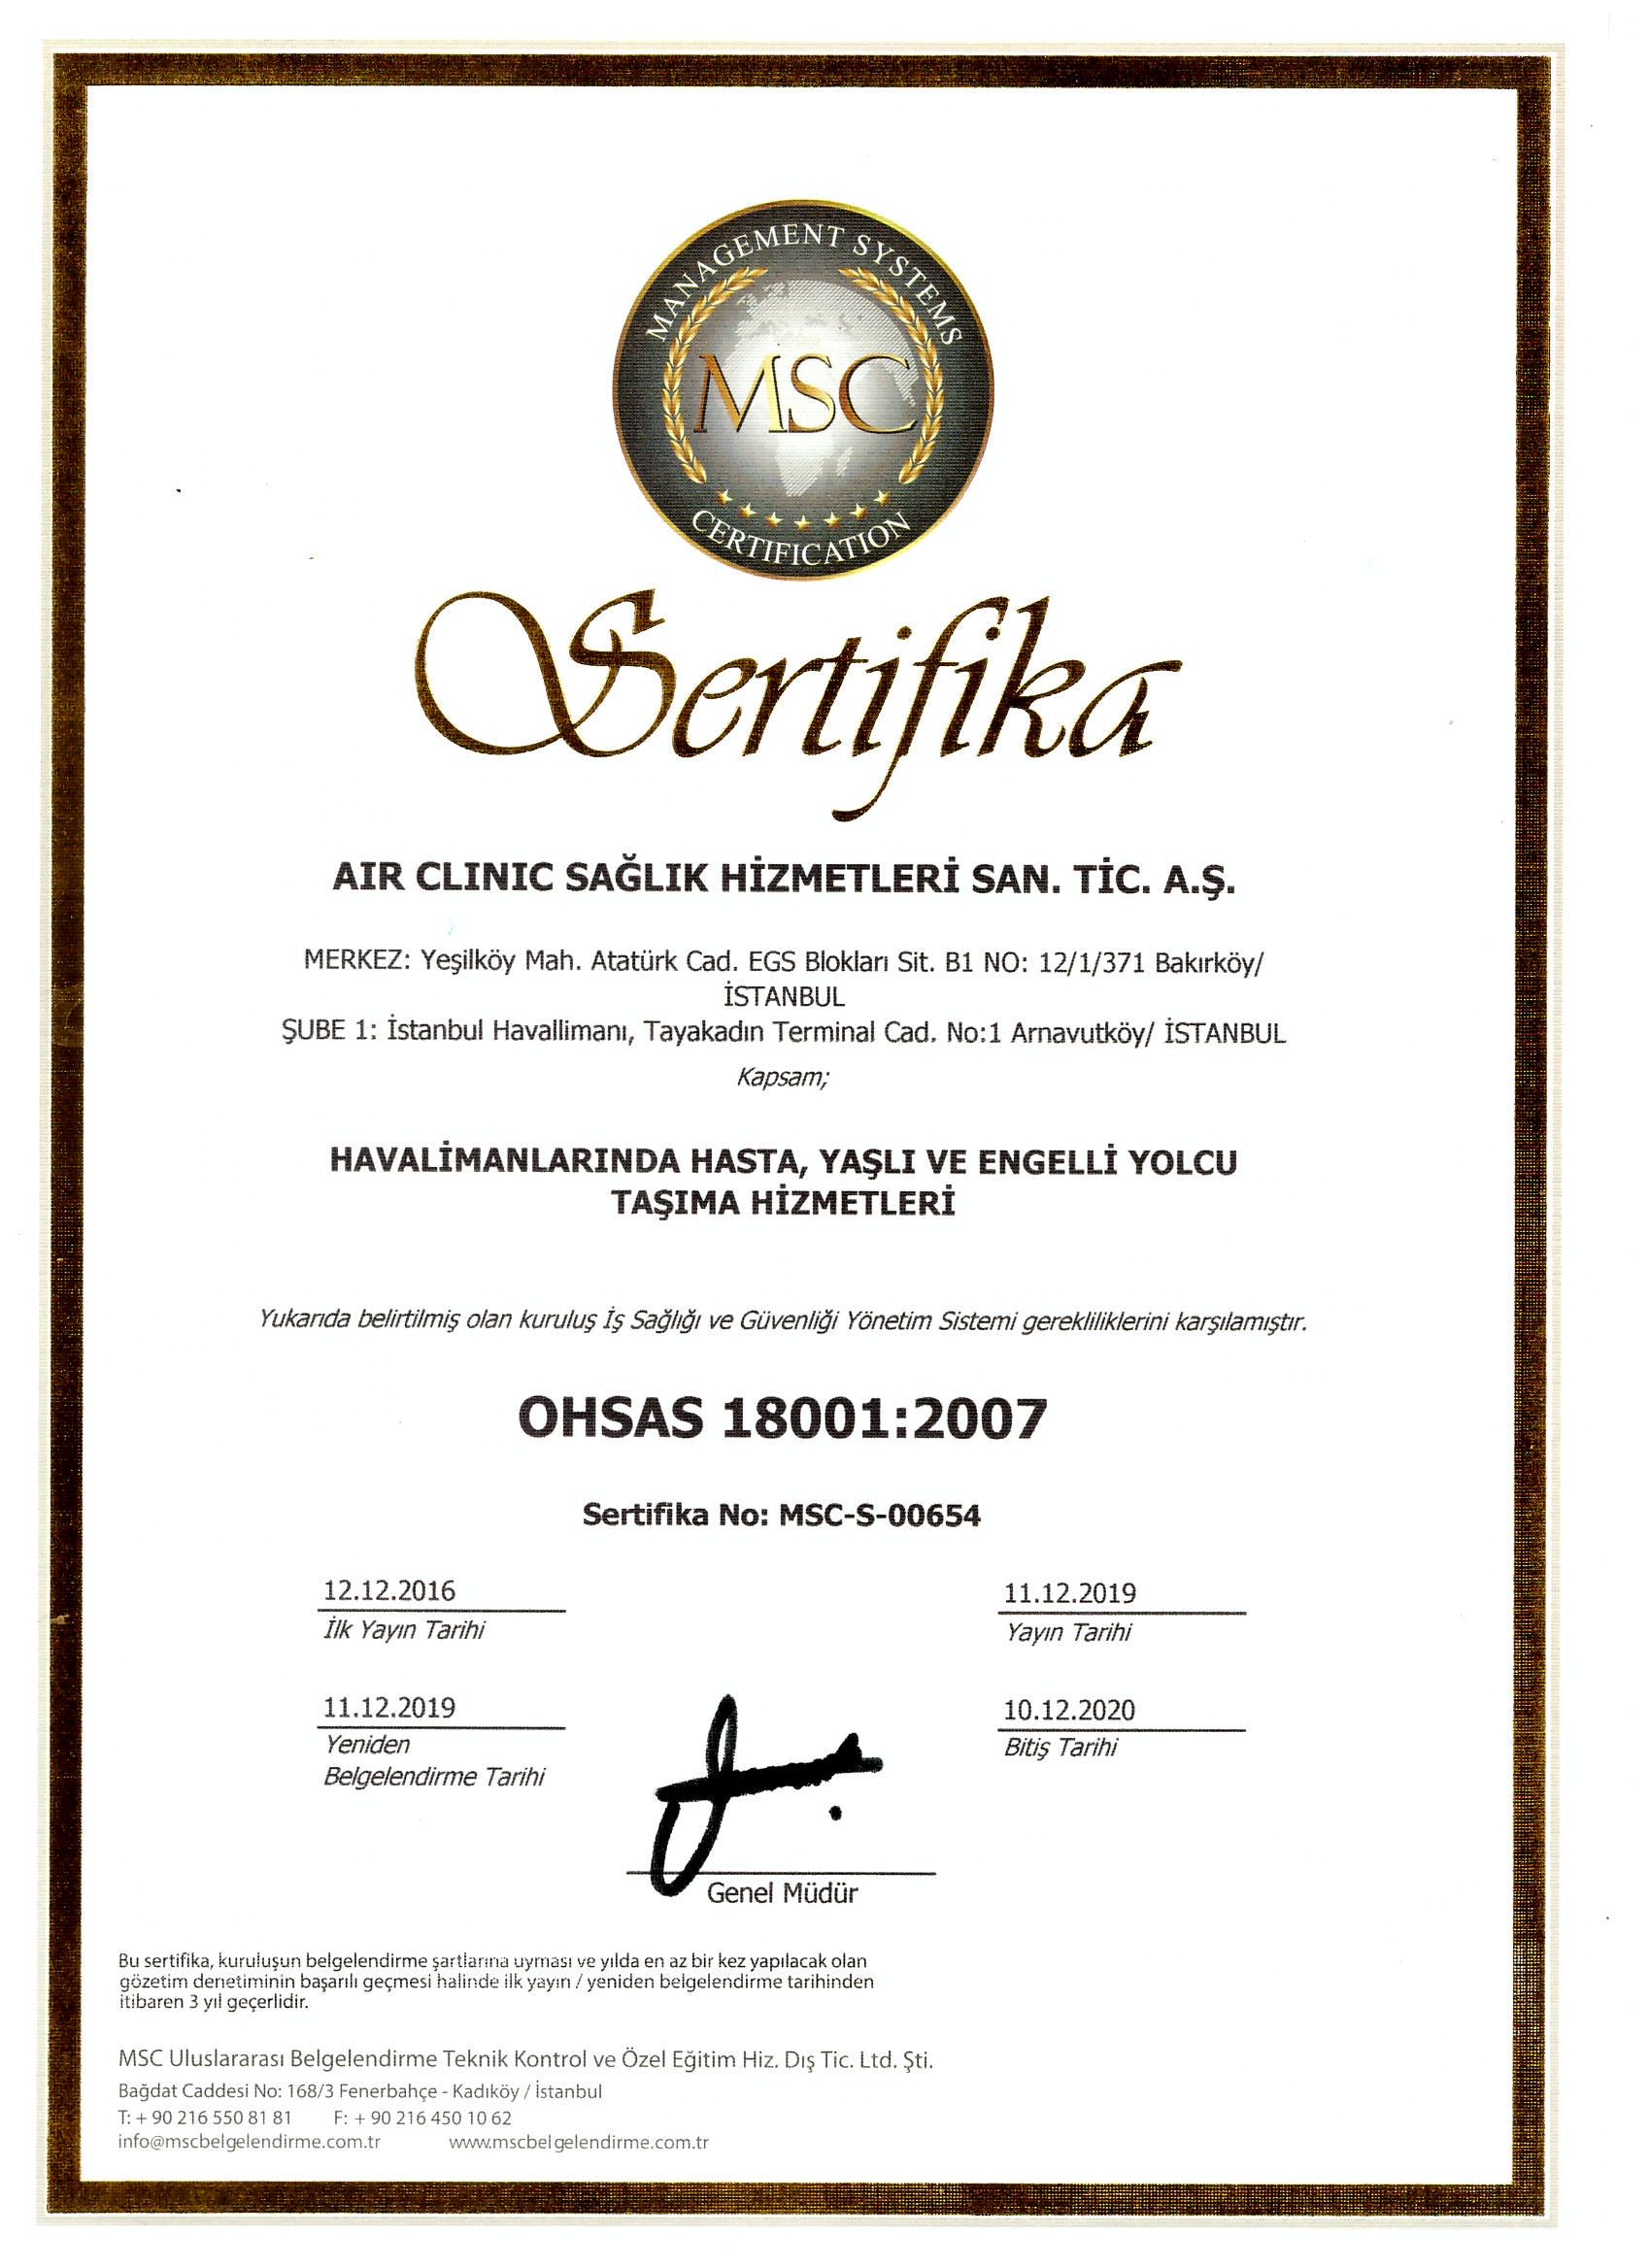 air-clinic-ohsas-180012007 Sertifikalar